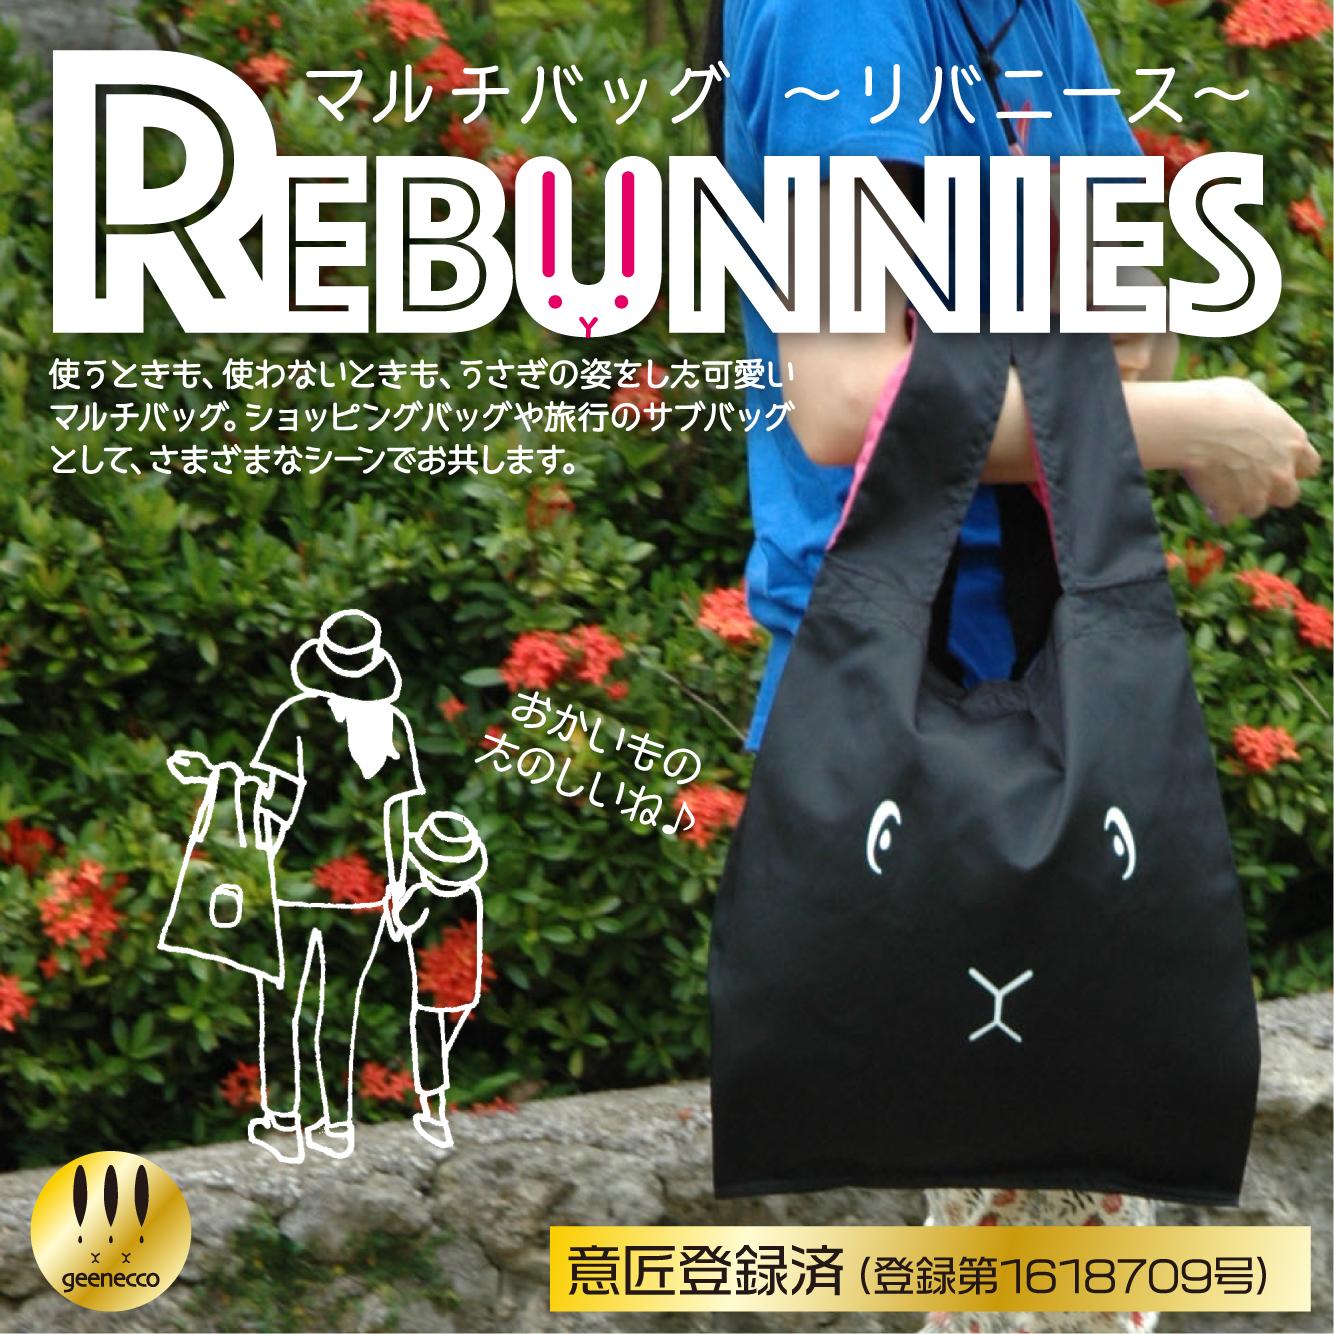 うさぎがウサギに変身するバッグ REBUNNIES(リバニース)バイオレット